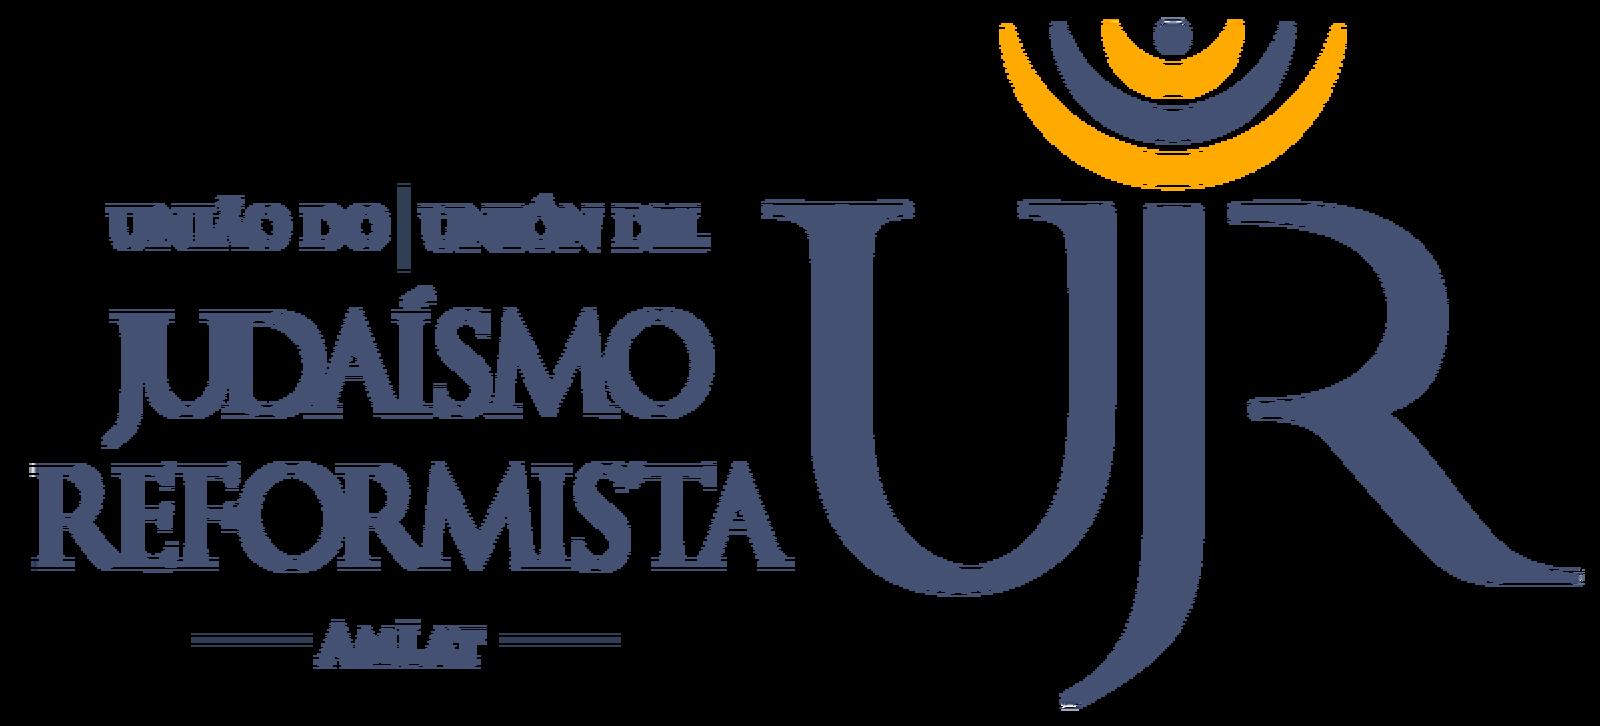 UJR-AmLat